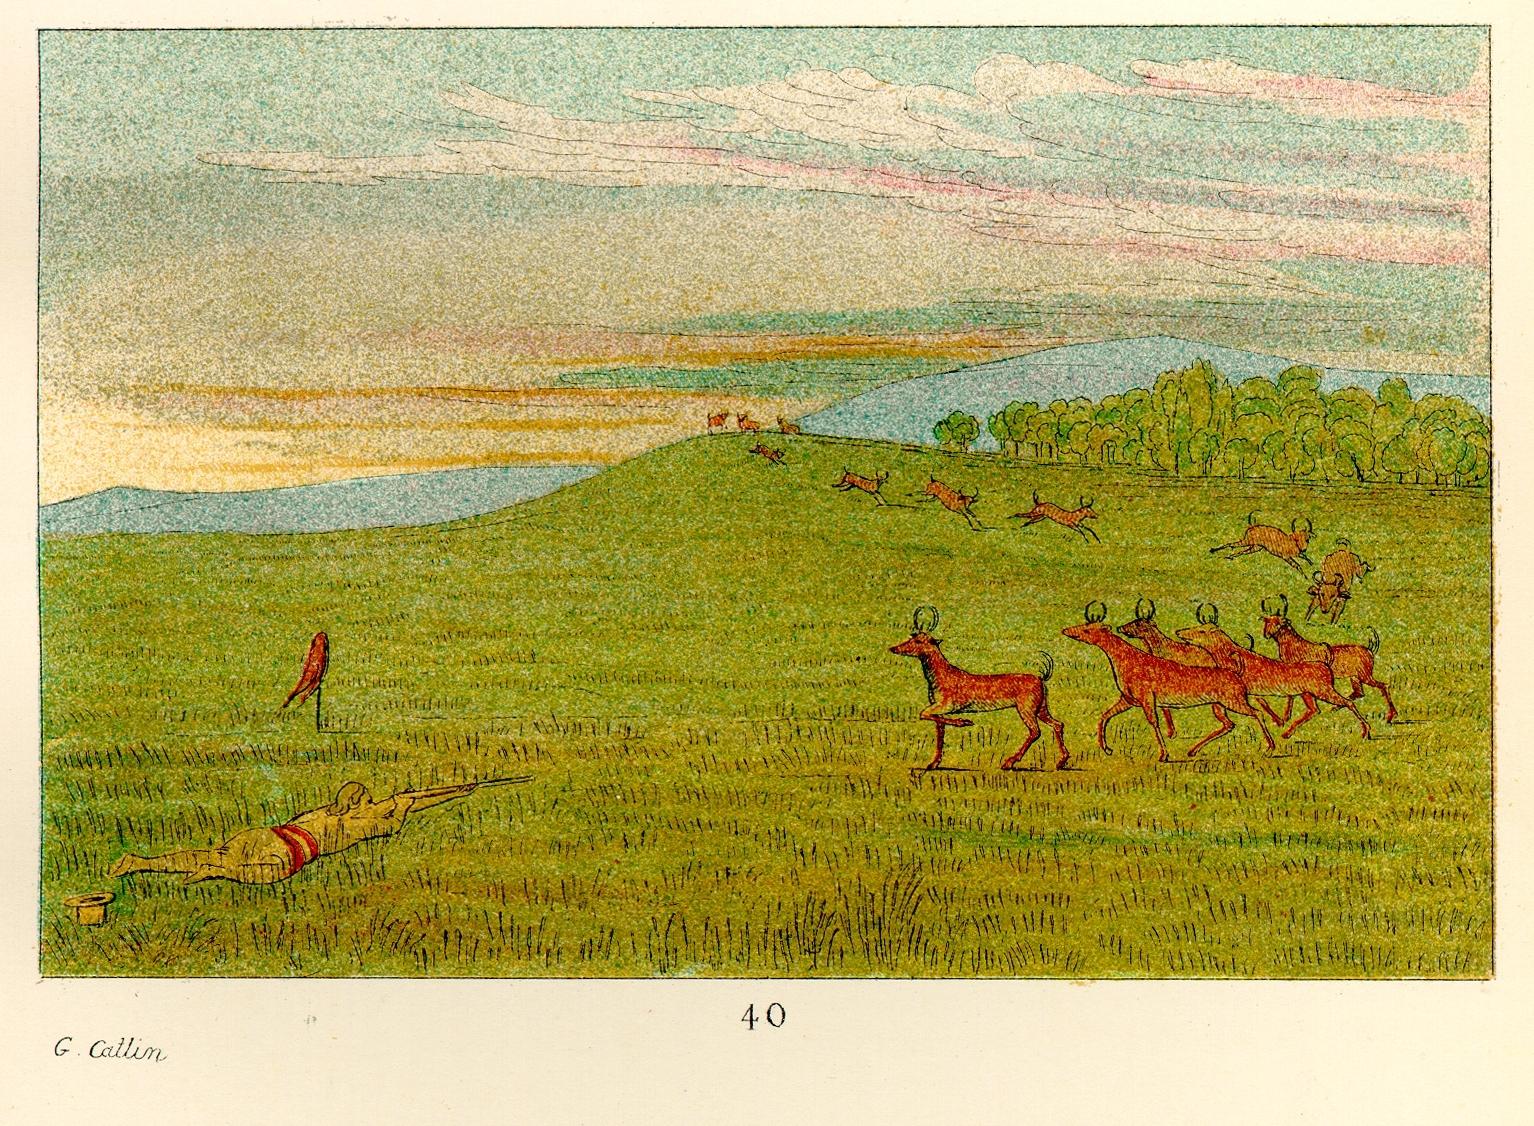 Antelope shooting, decoyed up